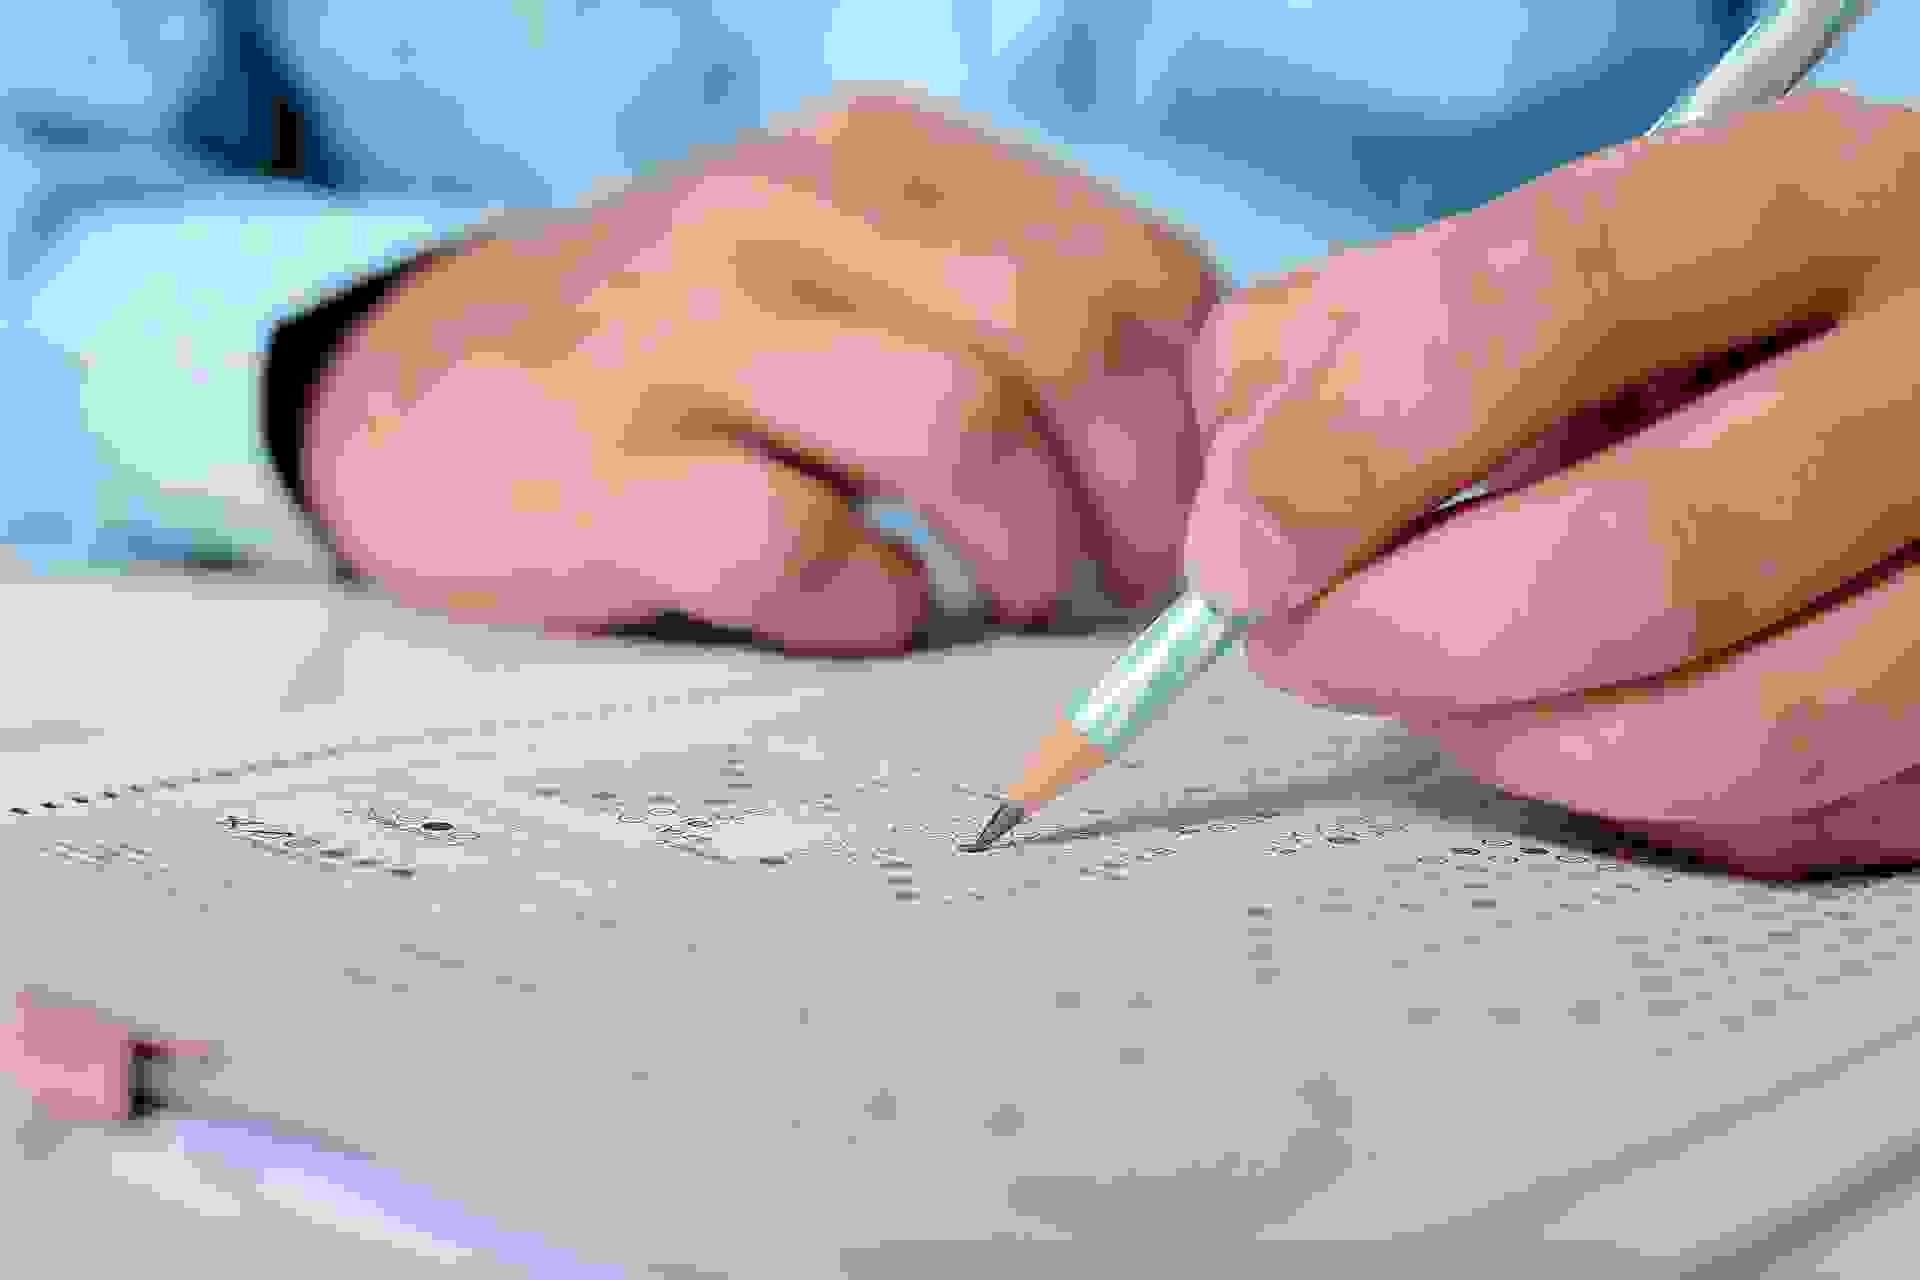 ЕГЭ в 2021 году начнется 31 мая с экзаменов по географии, литературе и химии. А вы готовы к экзаменам?